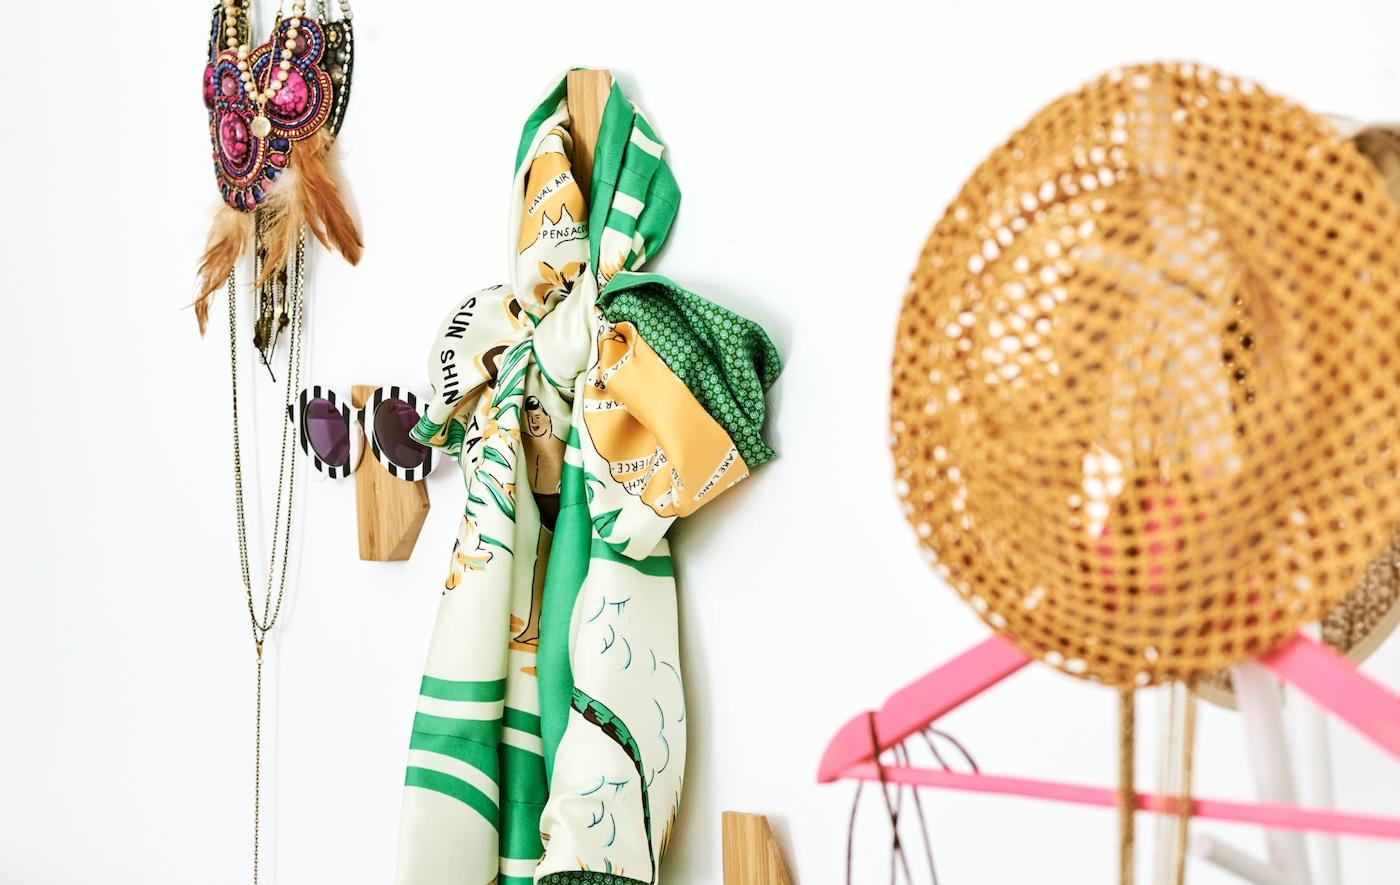 墙上挂有不对称造型的竹材挂钩,每个挂钩上都挂着一个不同的衣物配饰——太阳眼镜、围巾、项链和草帽。